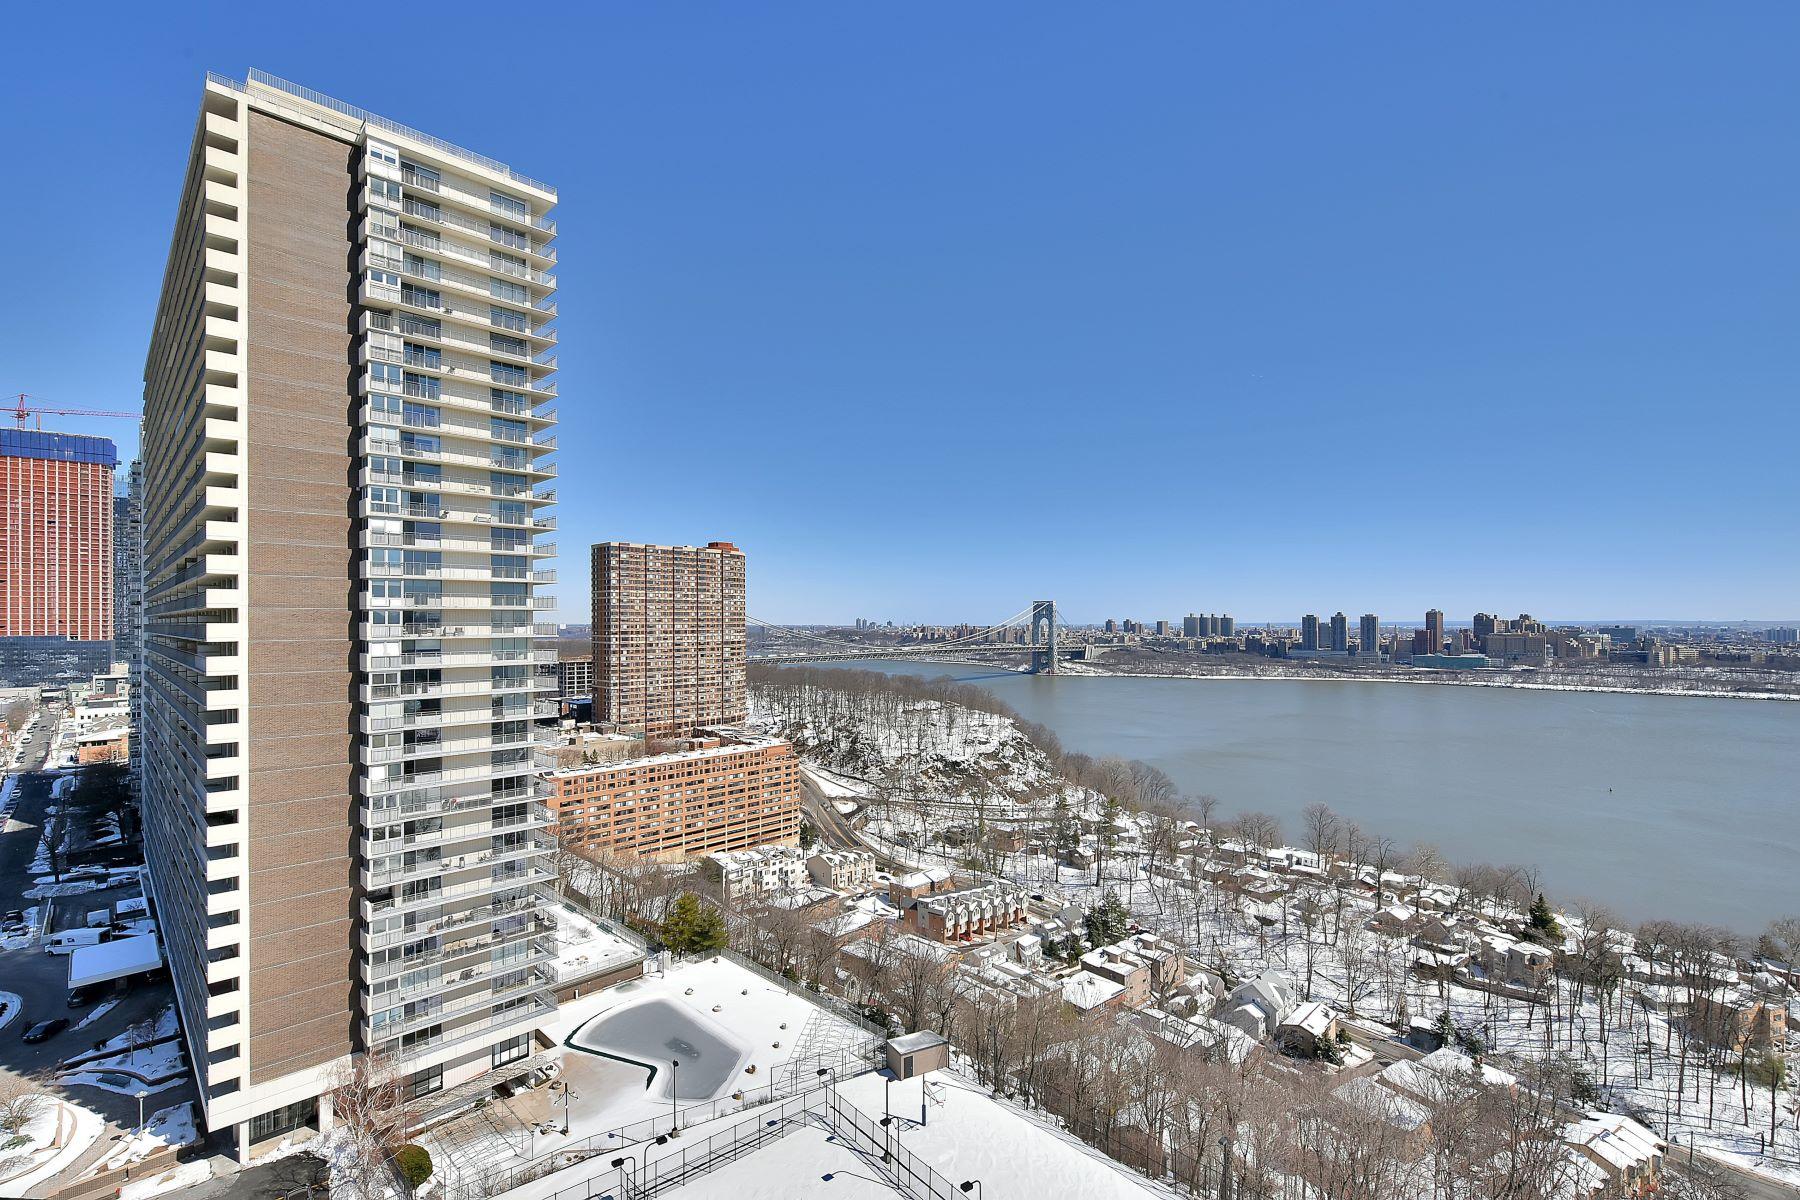 共管式独立产权公寓 为 销售 在 Luxury Living 1512 Palisade Ave 9 N 李堡, 07024 美国